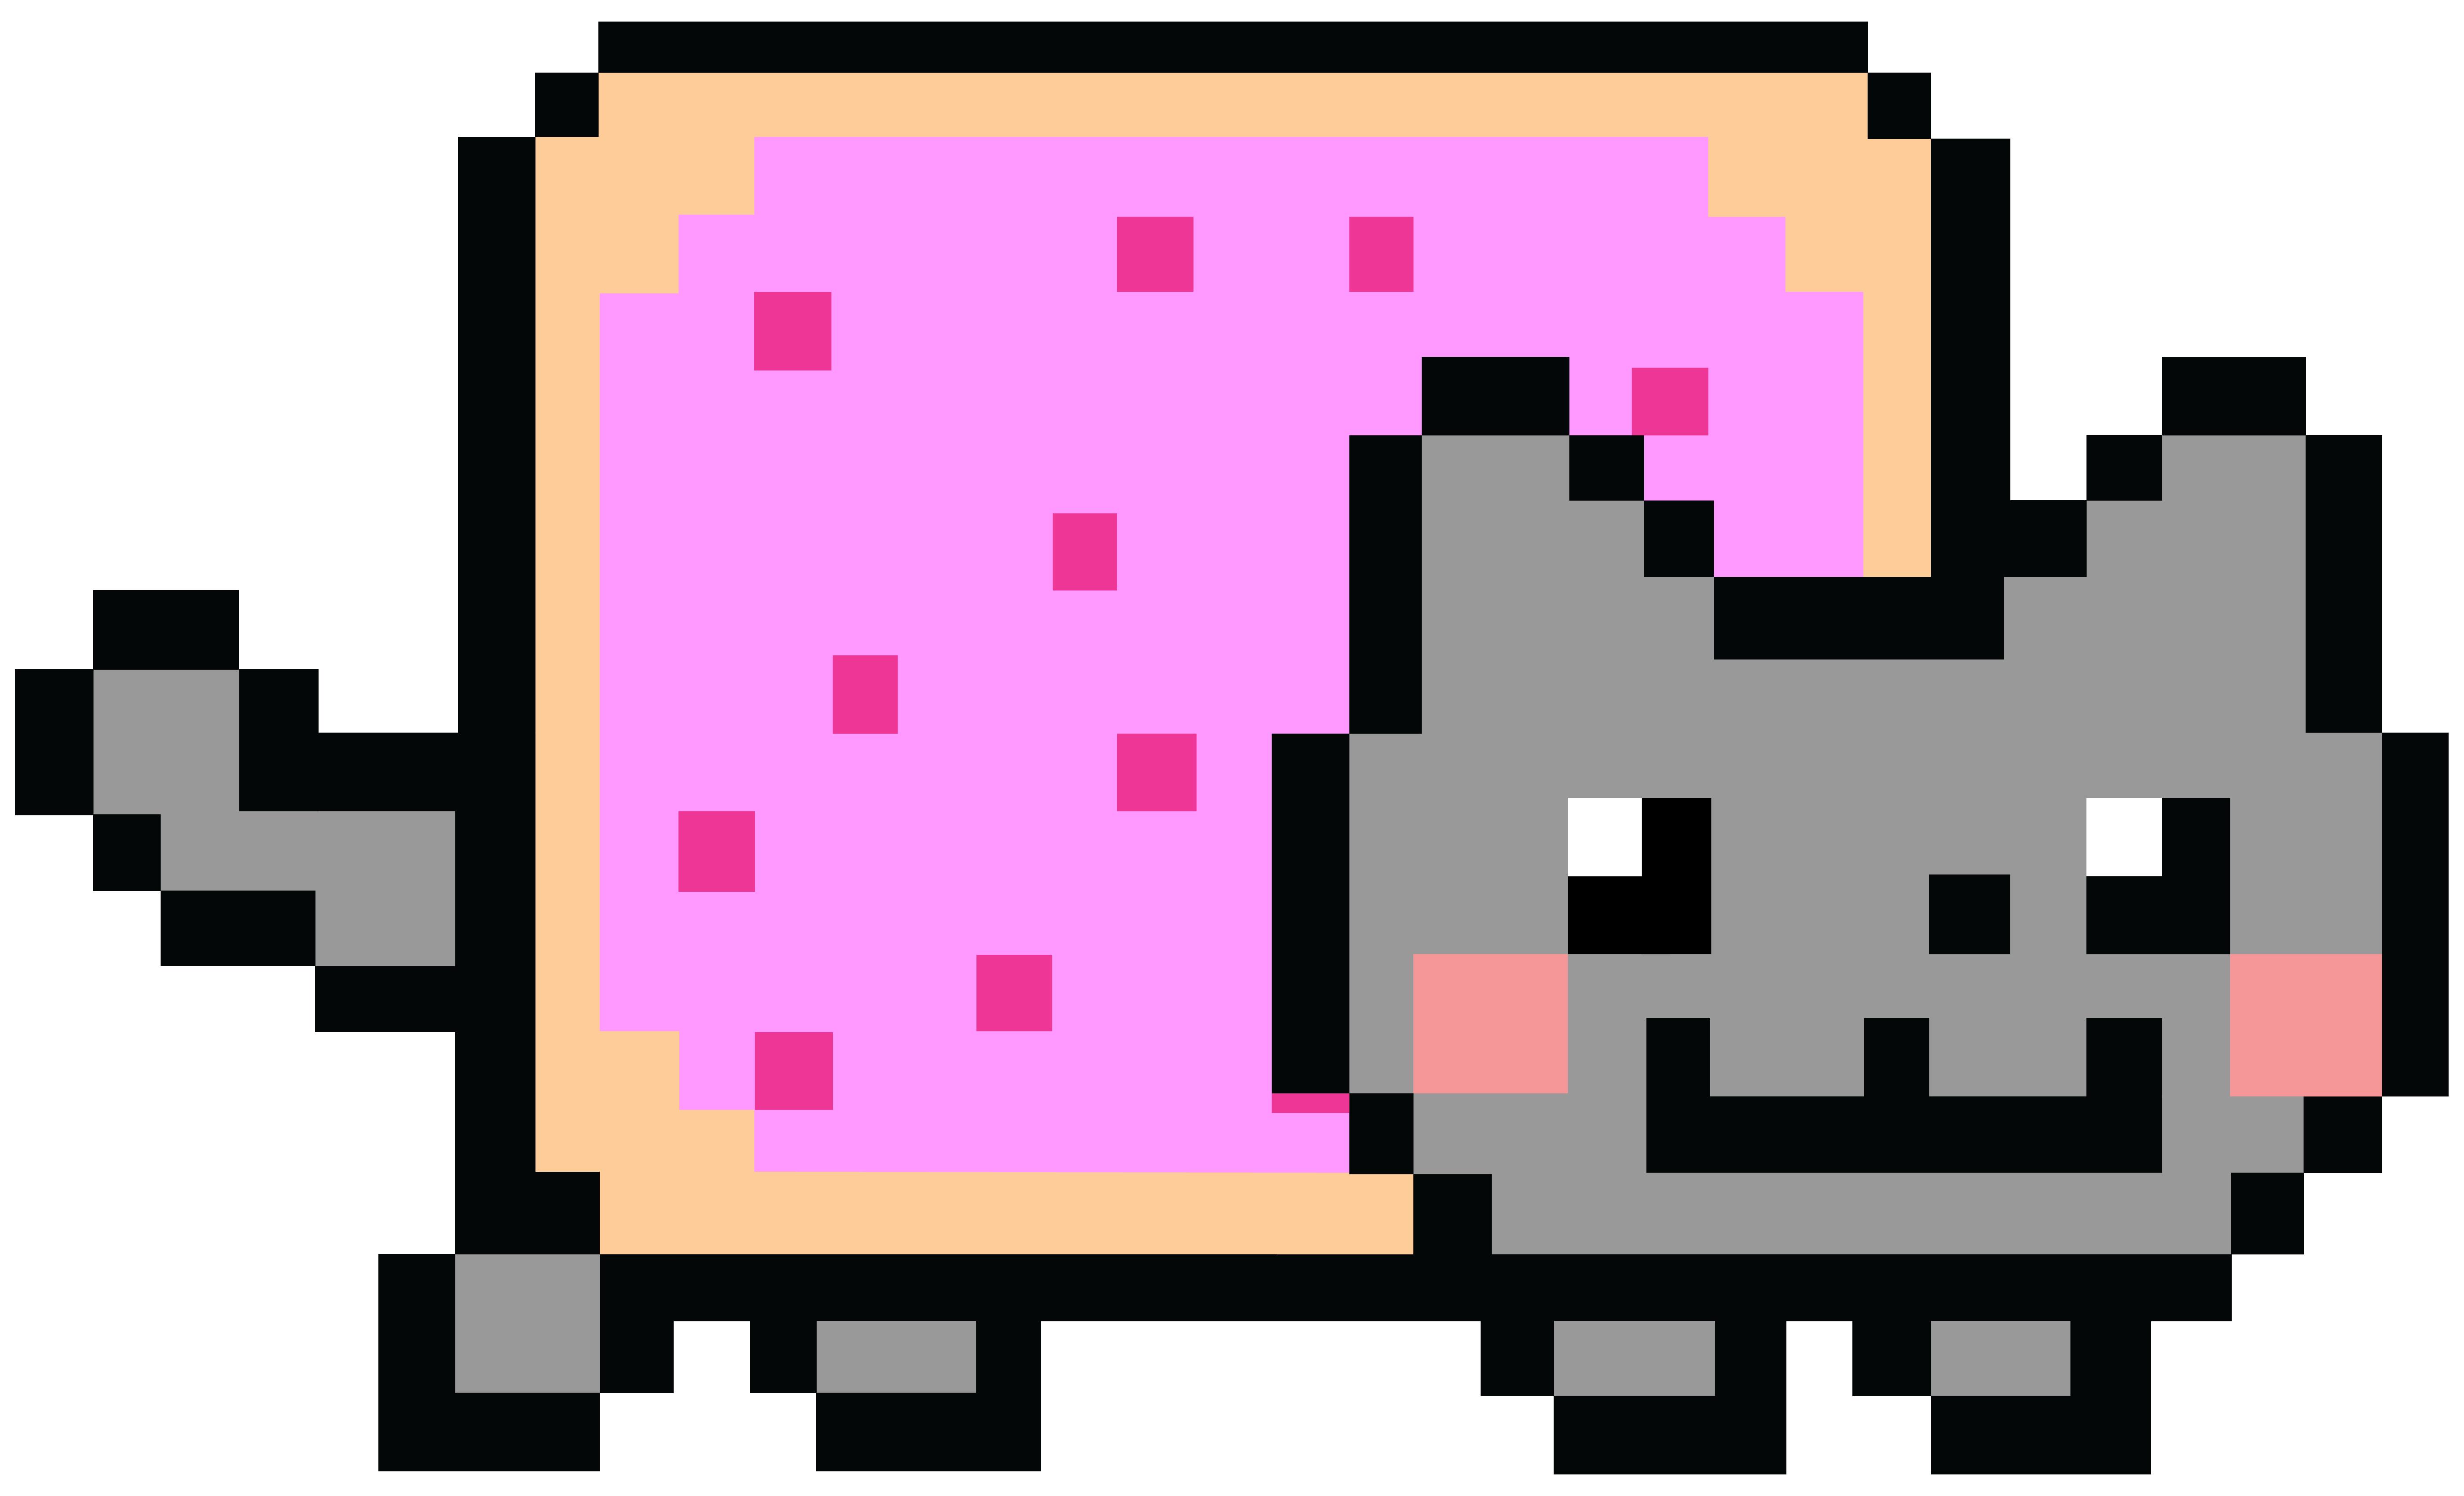 High Resolution Wallpaper | Nyan Cat 5600x3400 px